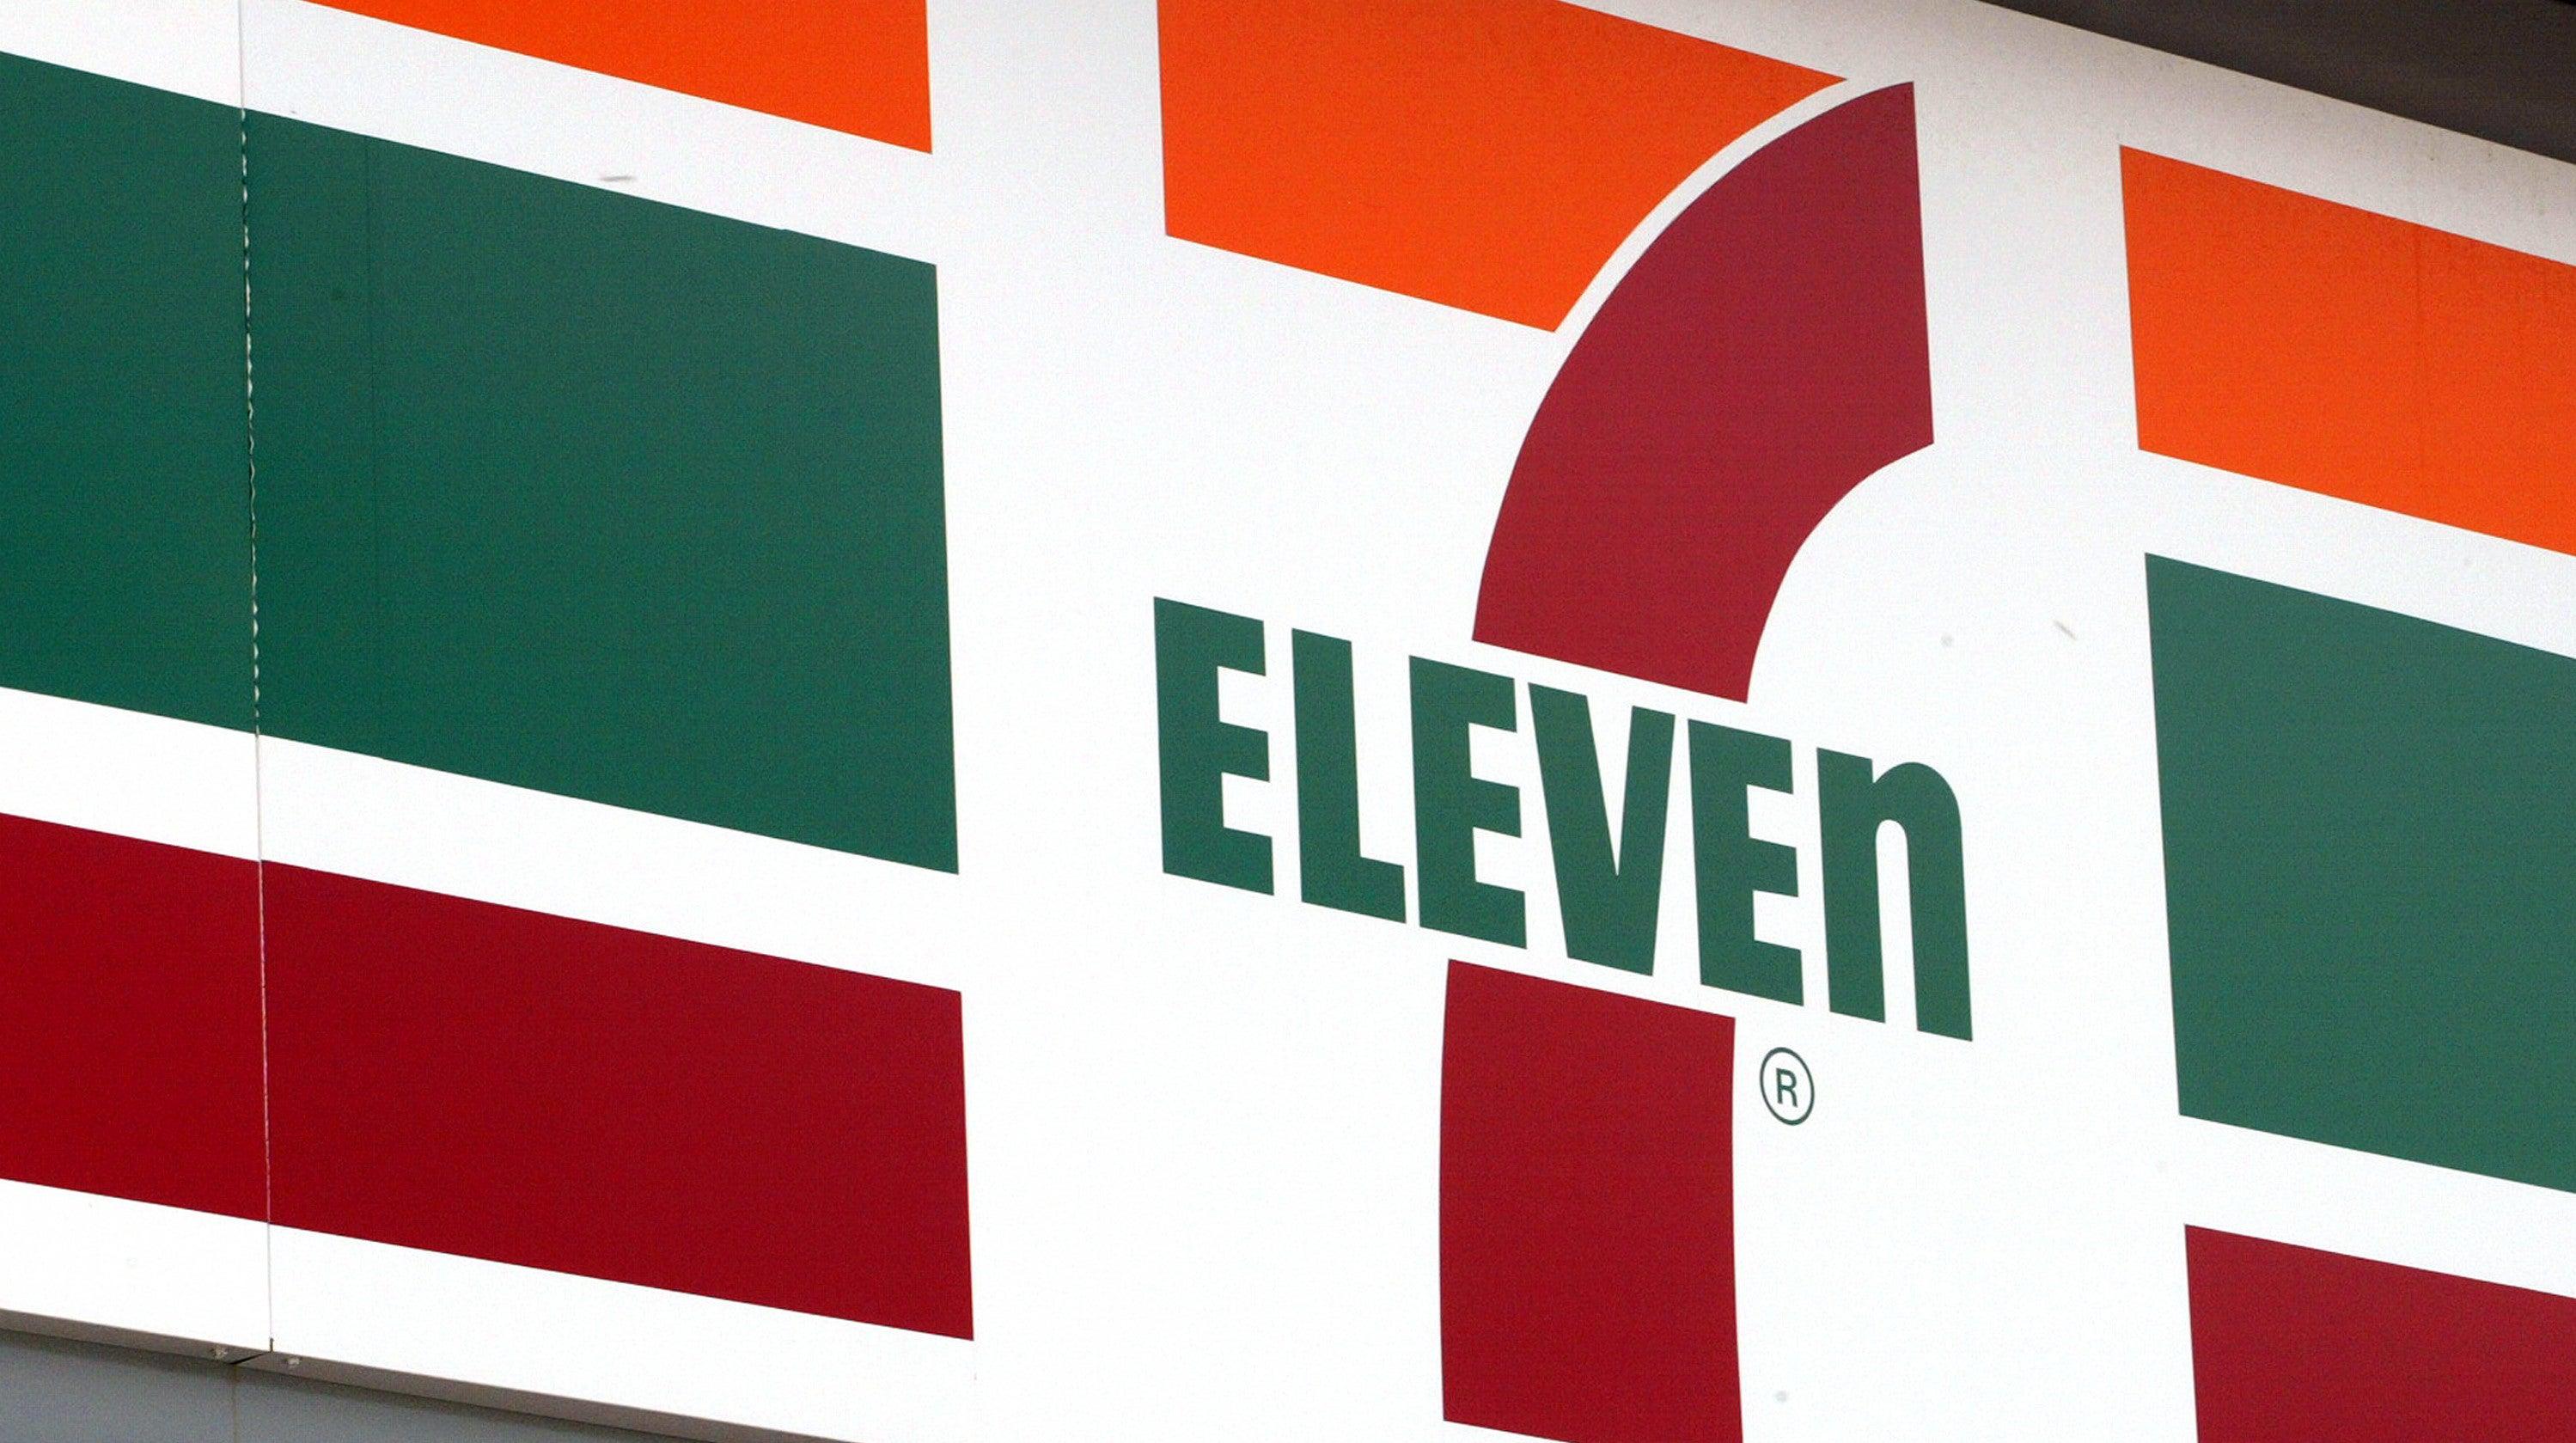 7-Eleven's Bad App Design Let Criminals Steal More Than $500,000